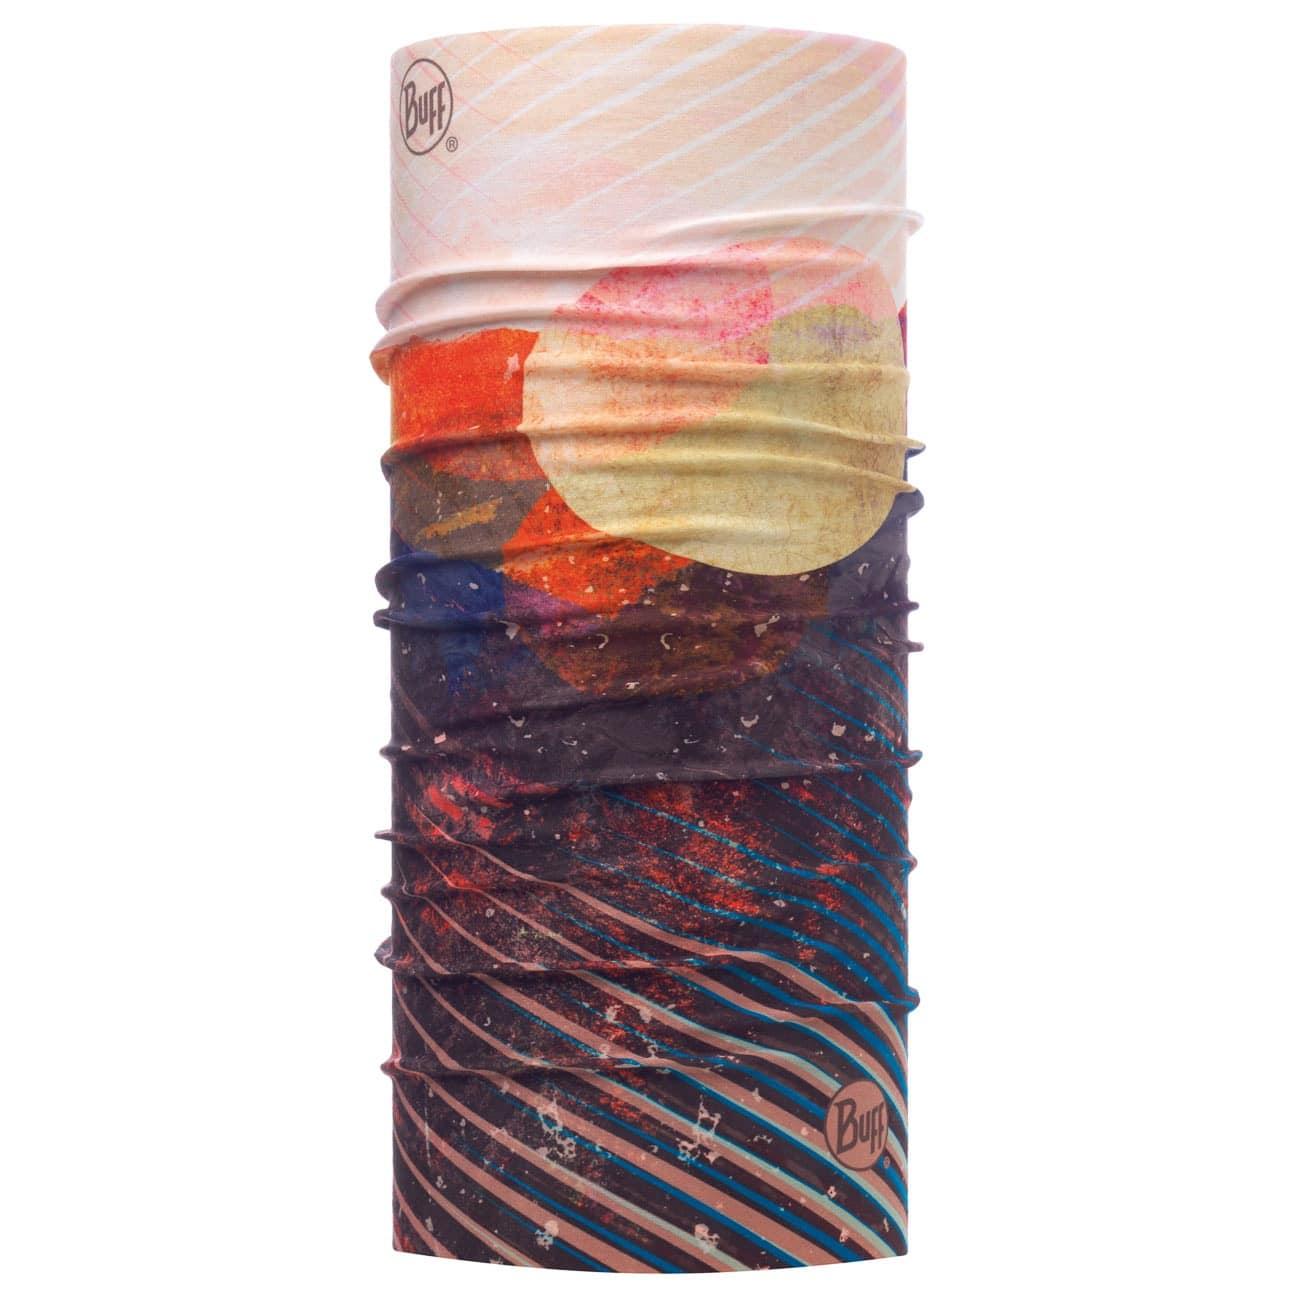 Bandana Multifuncional Collage by BUFF  bandana